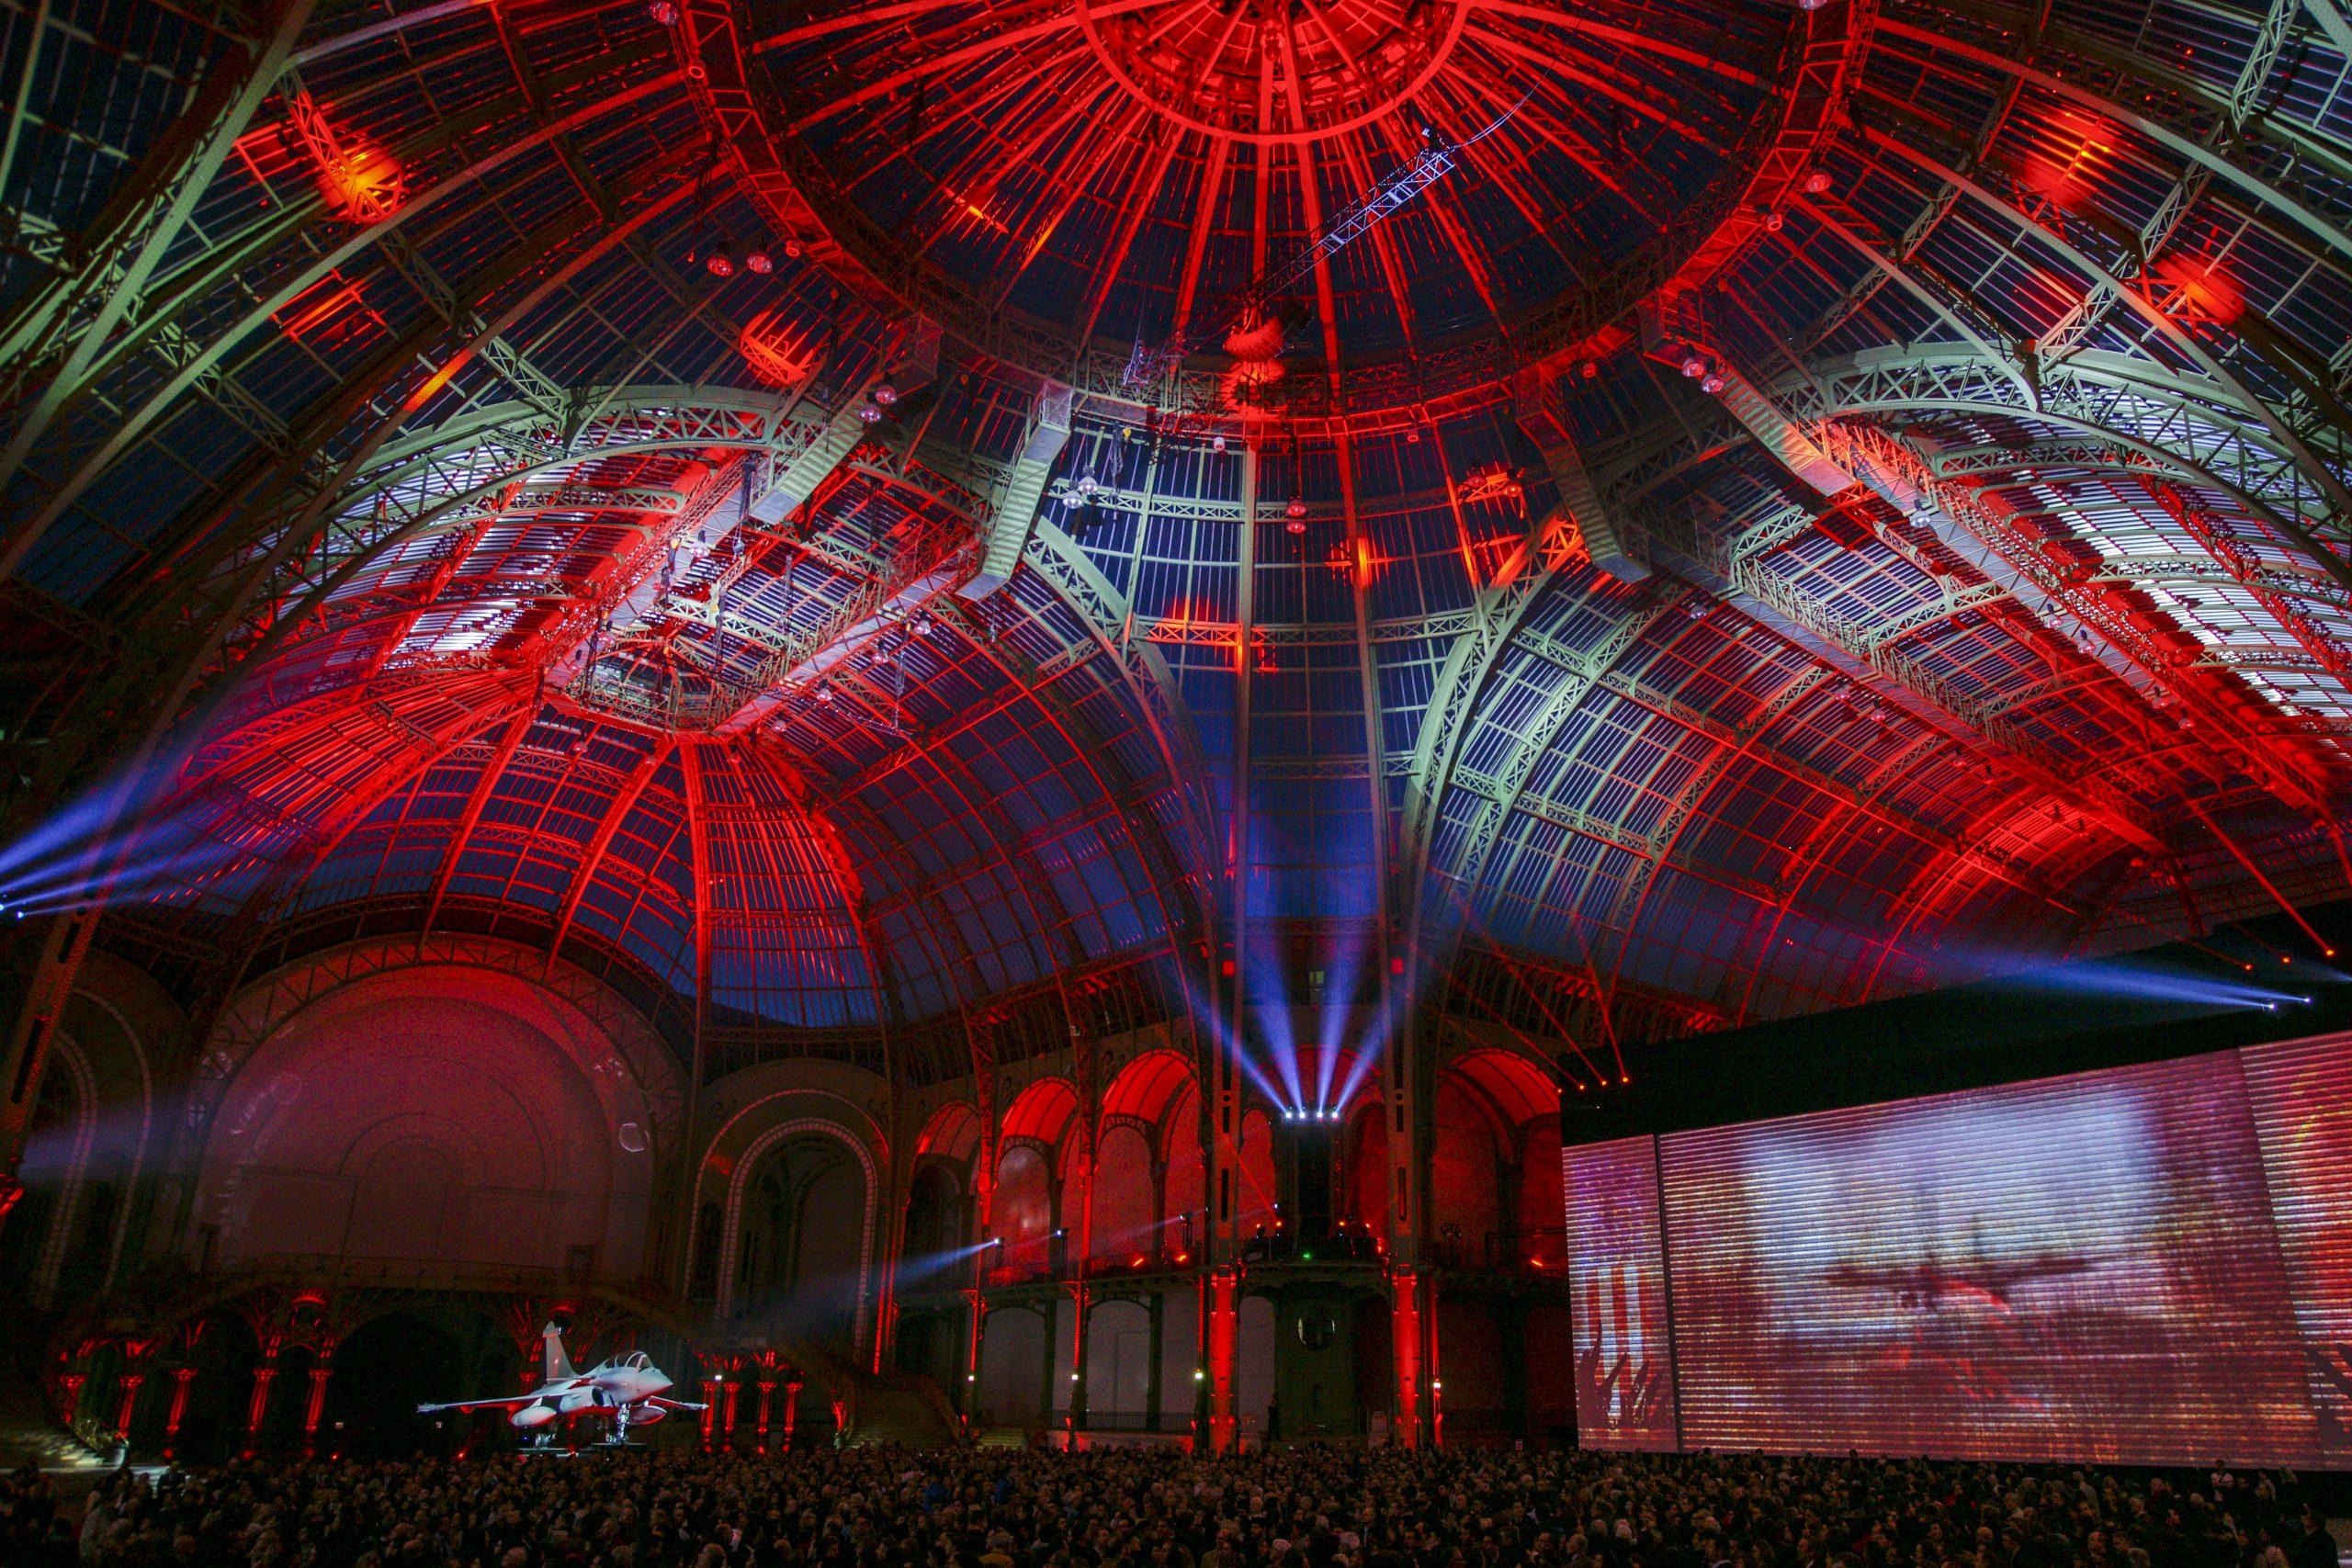 A show at the Grand Palais, Paris